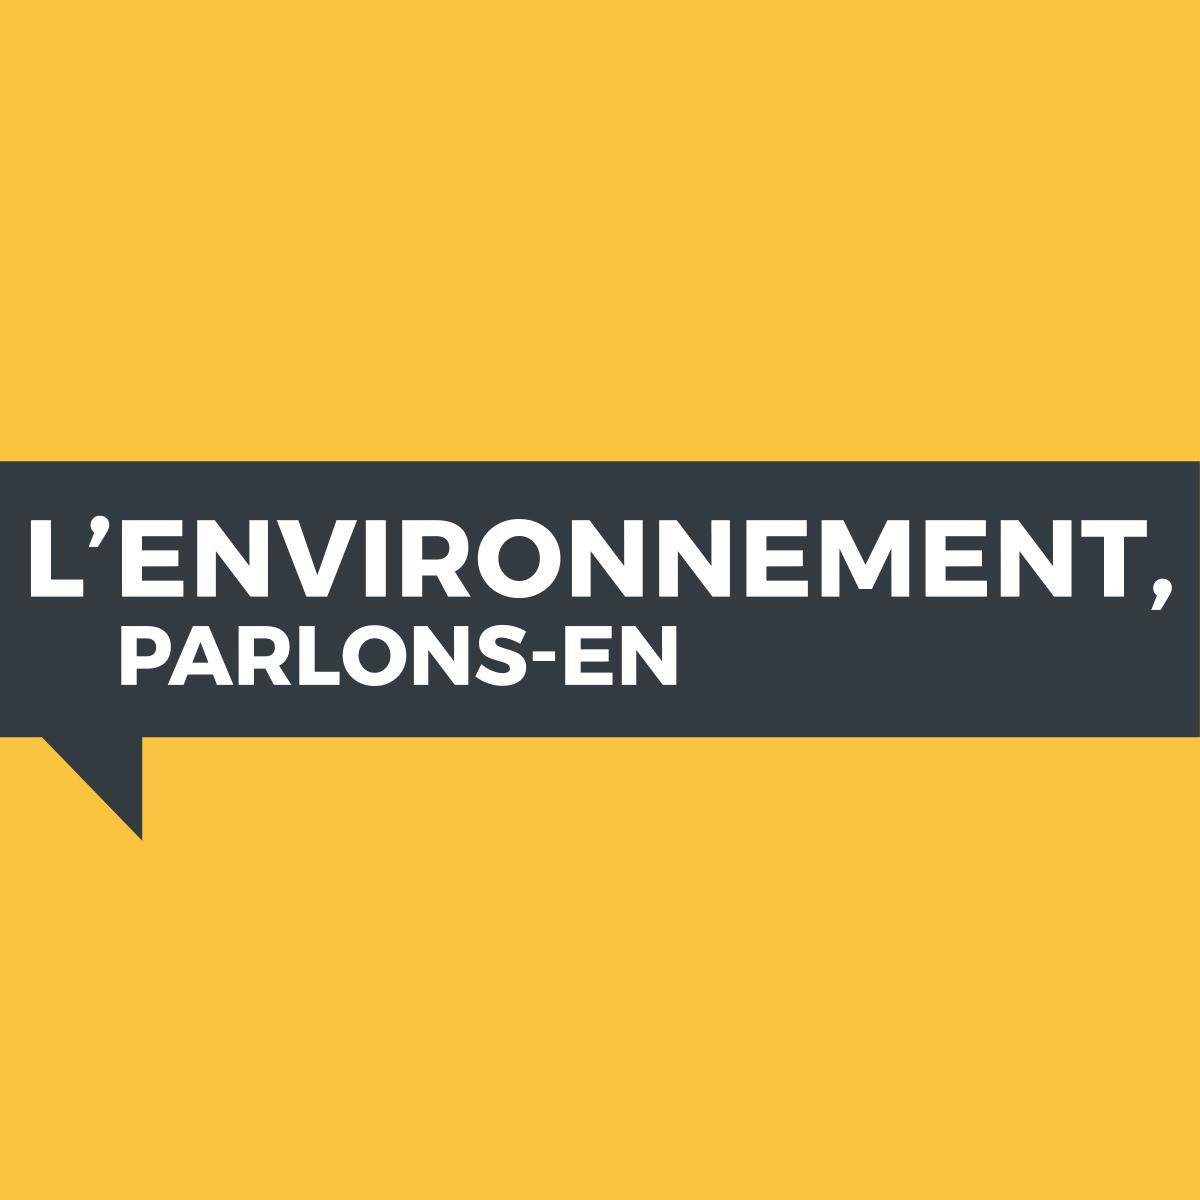 Communiqué :  Débat de la circonscription de Québec consacré à l'environnement